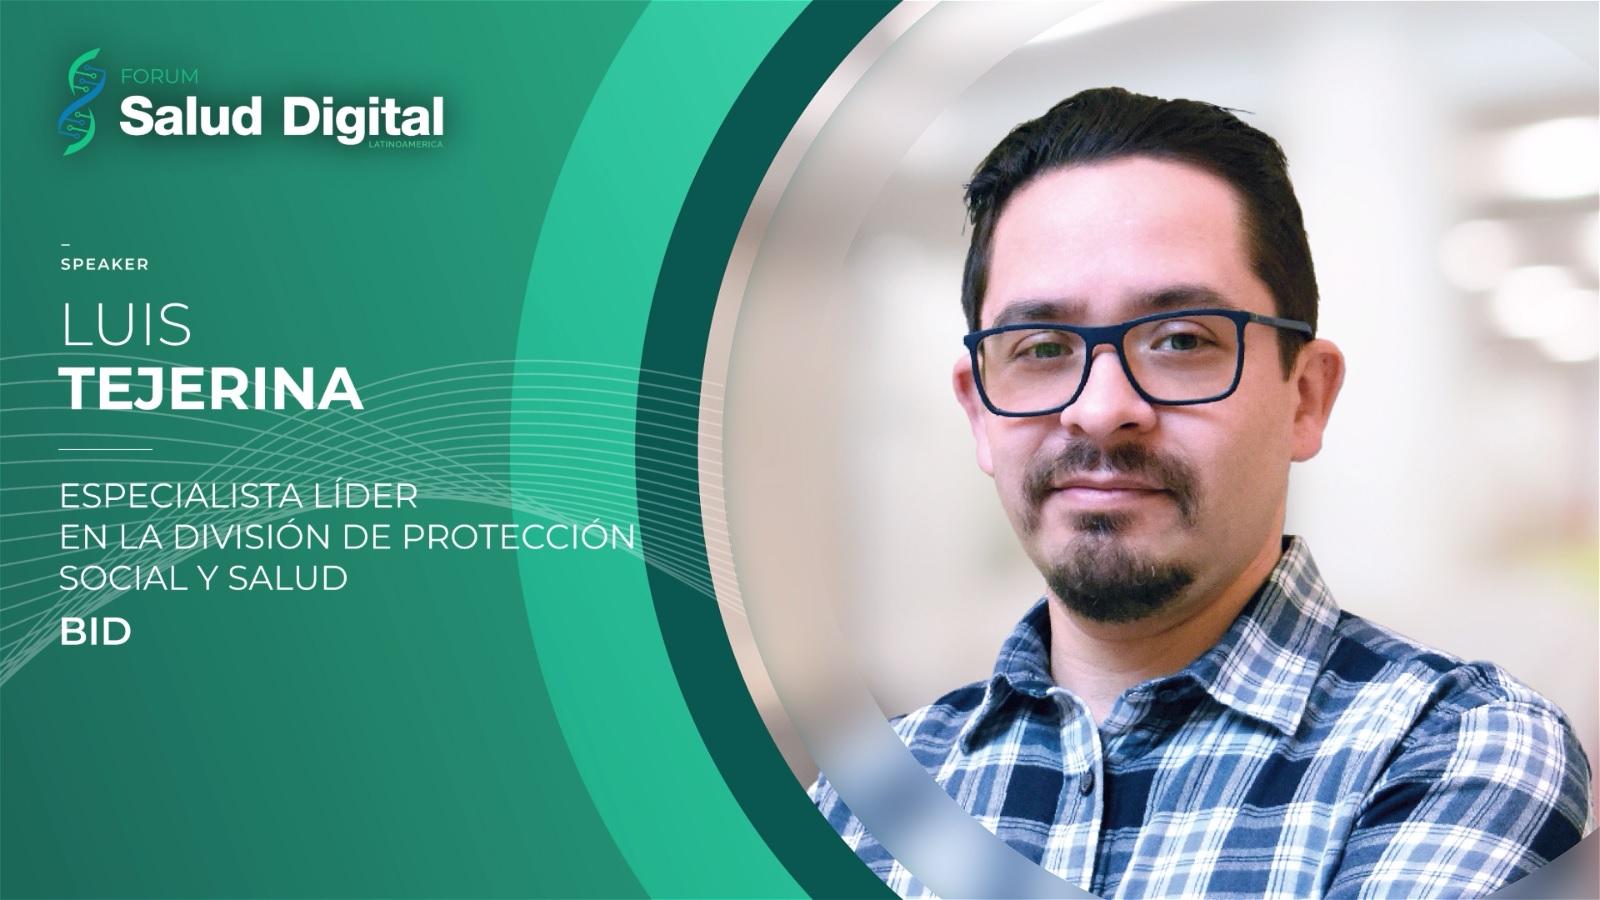 Salud digital después de COVID en America Latina y el Caribe